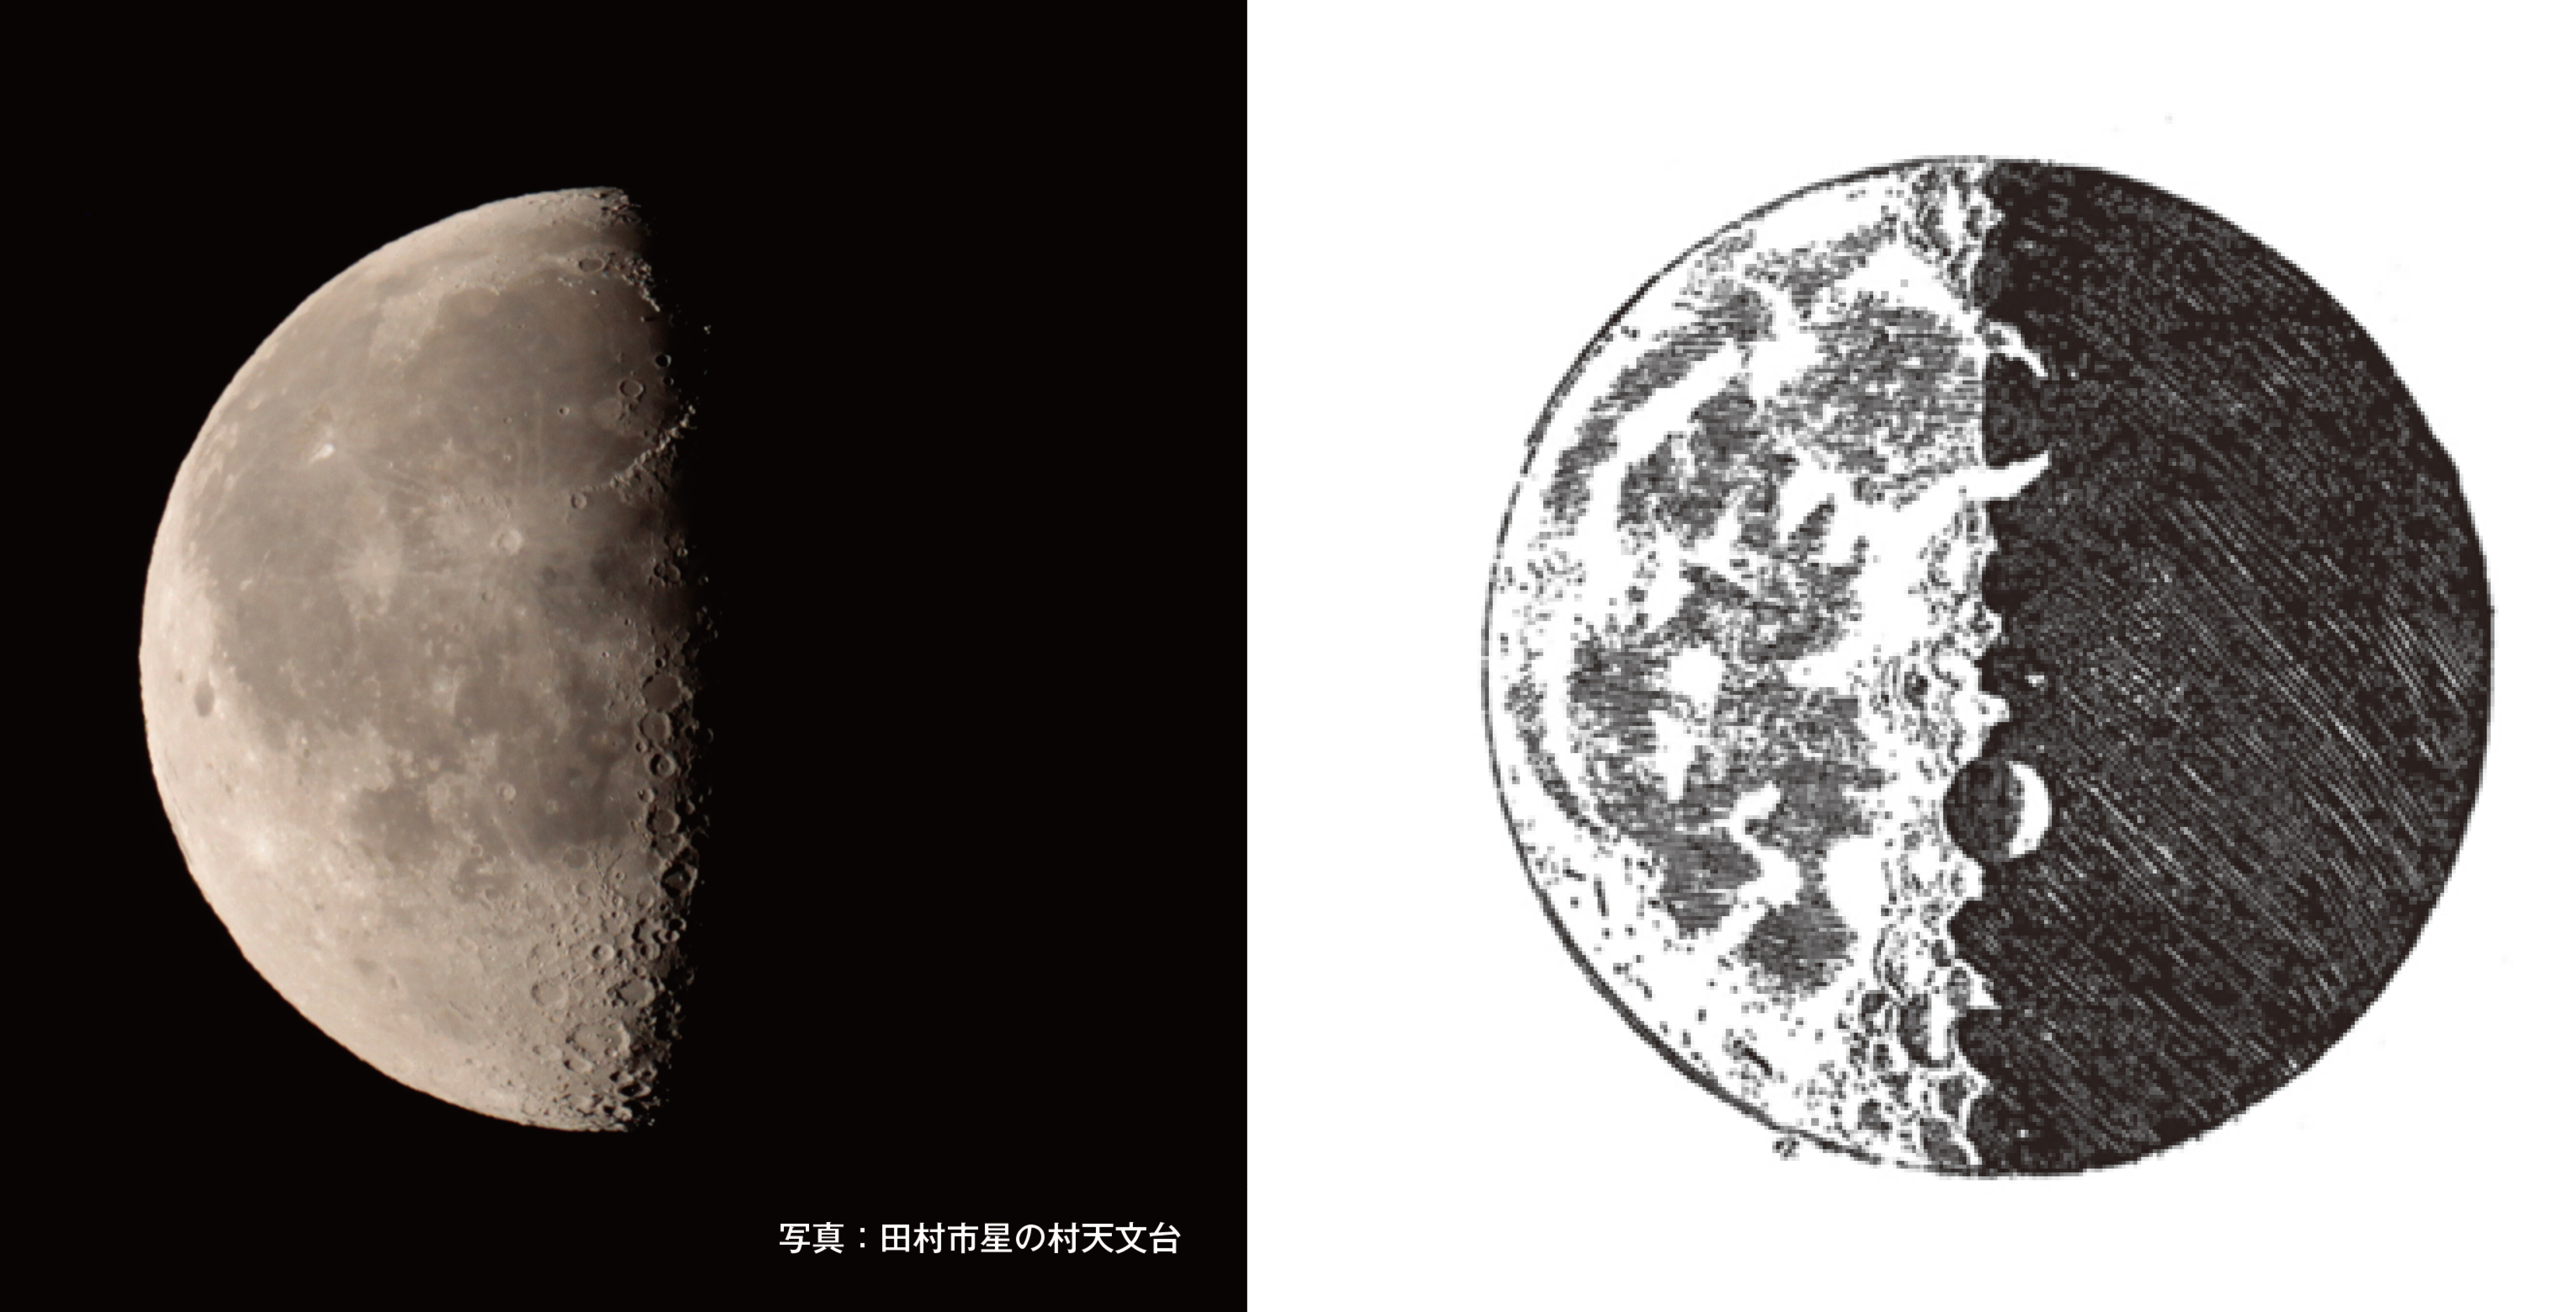 「月のイメージ、ガリレオのスケッチ」画像